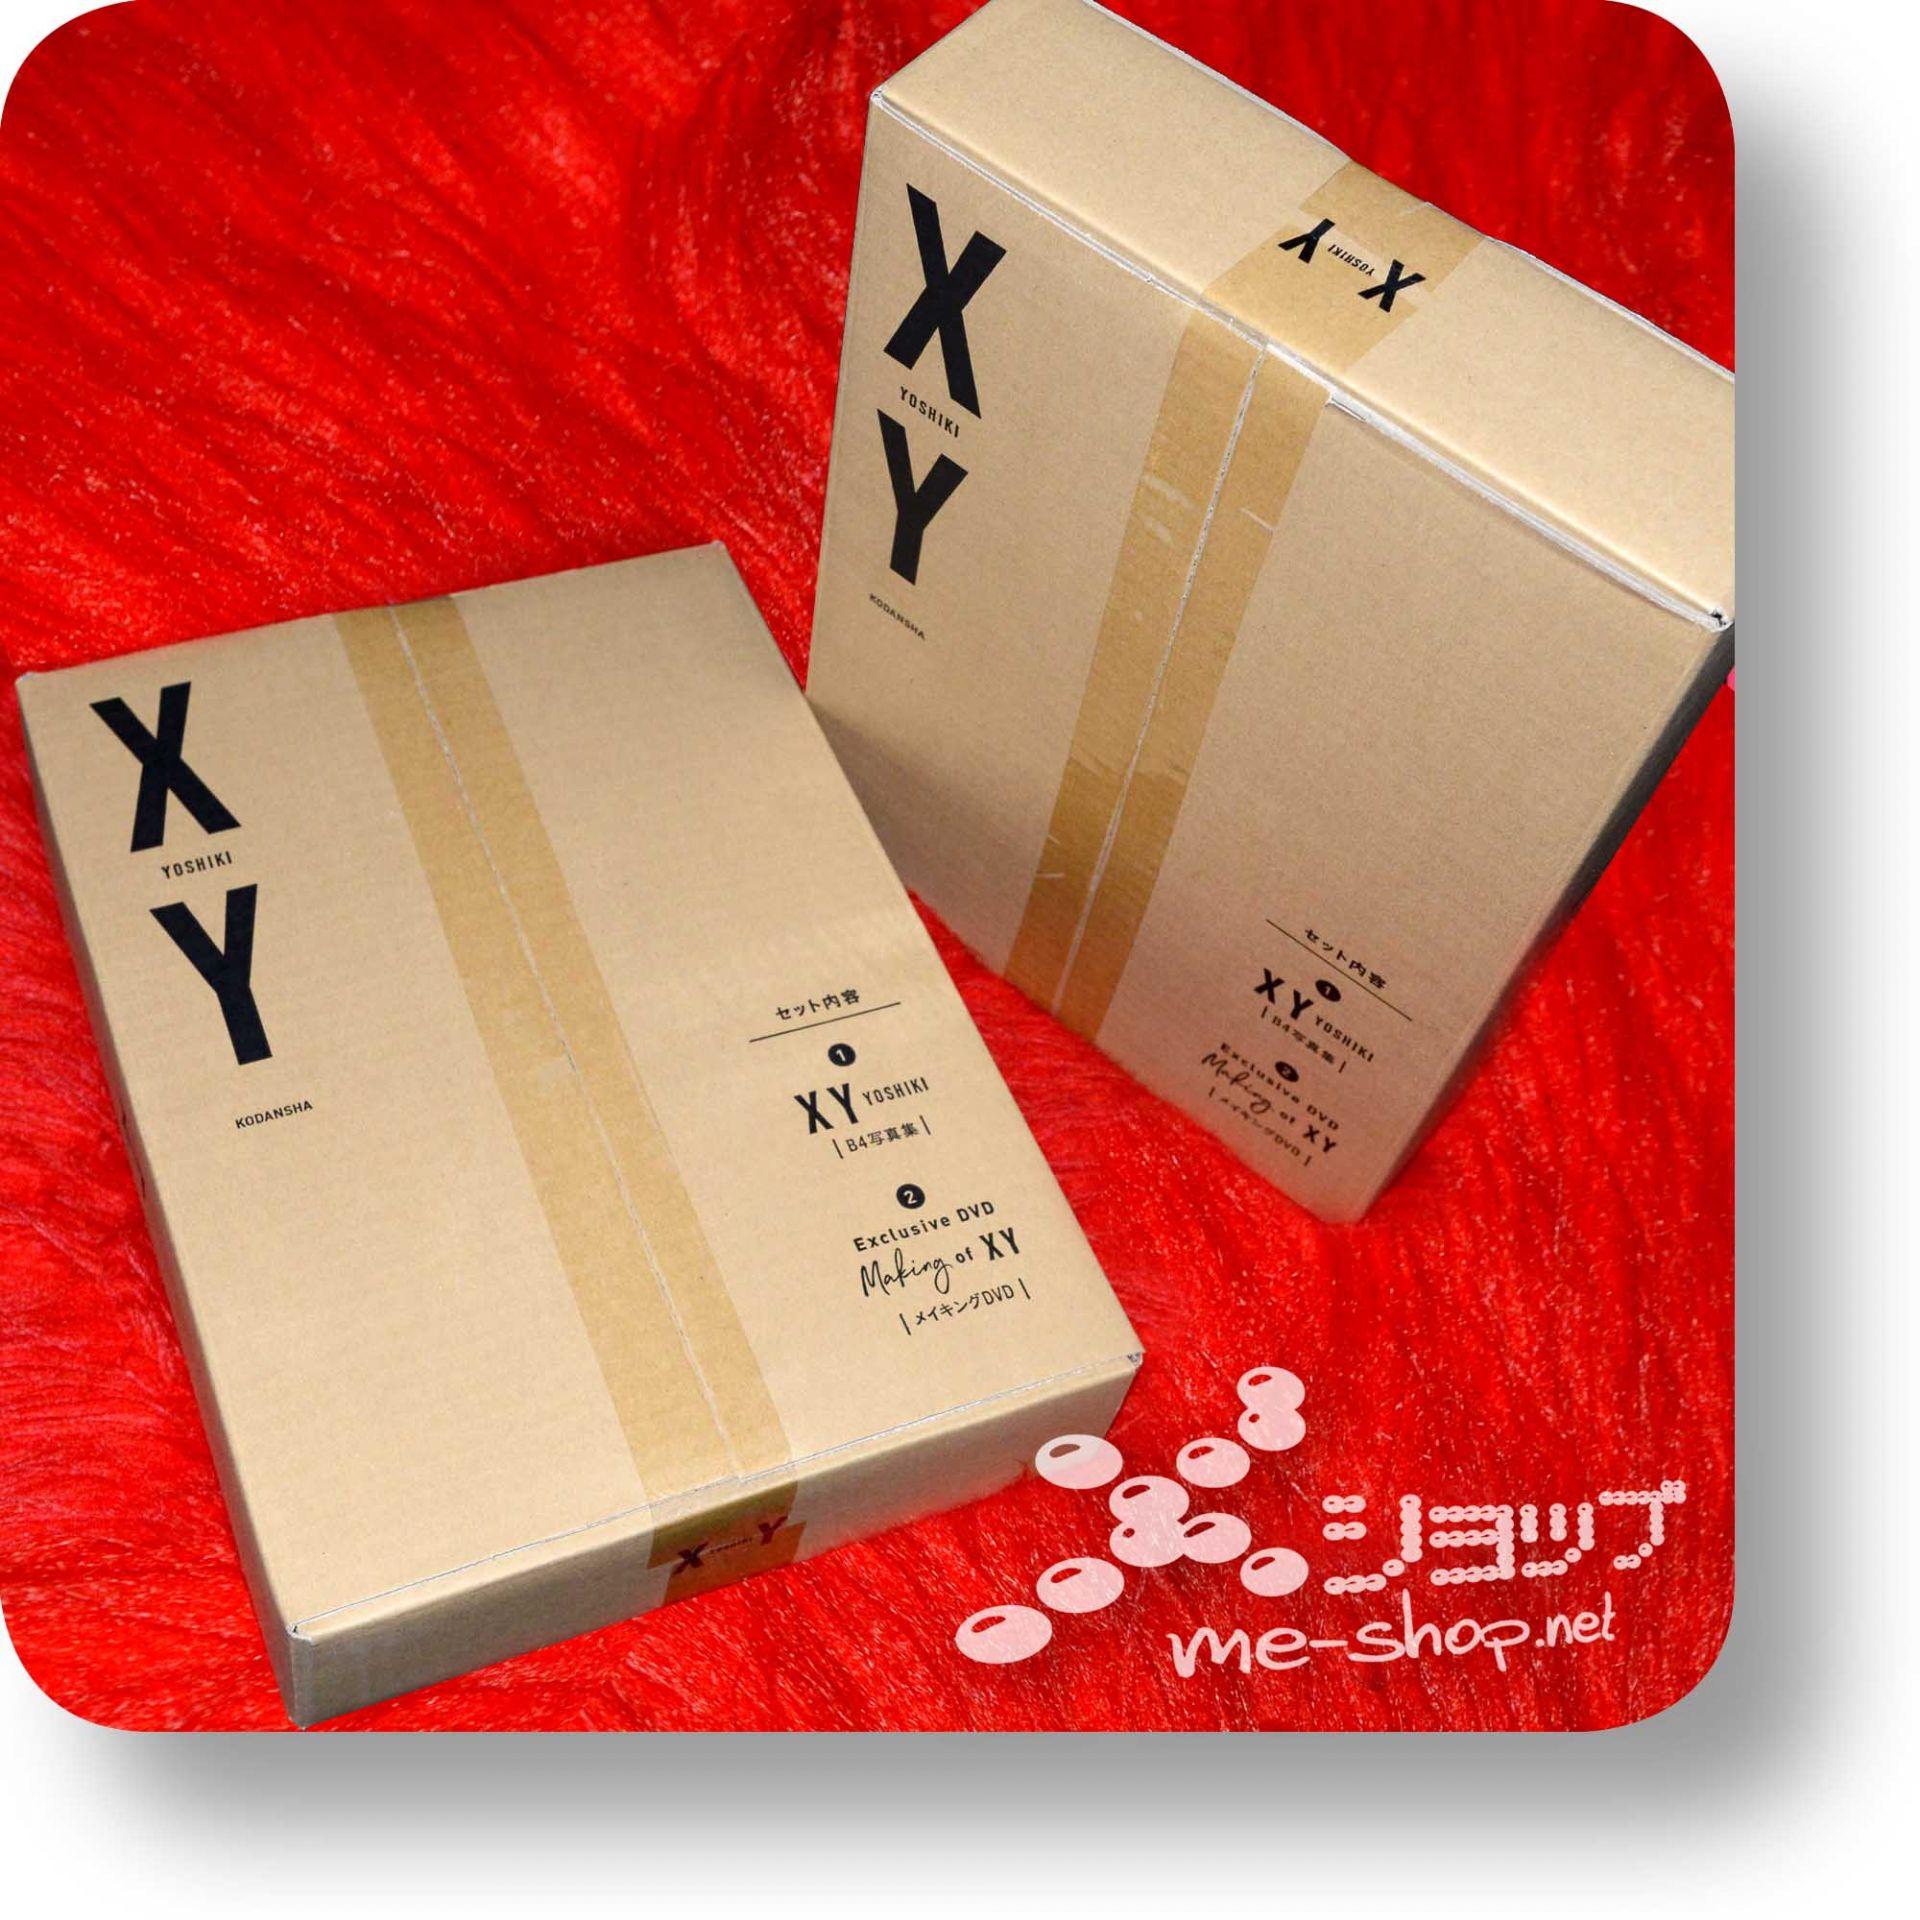 yoshiki xy